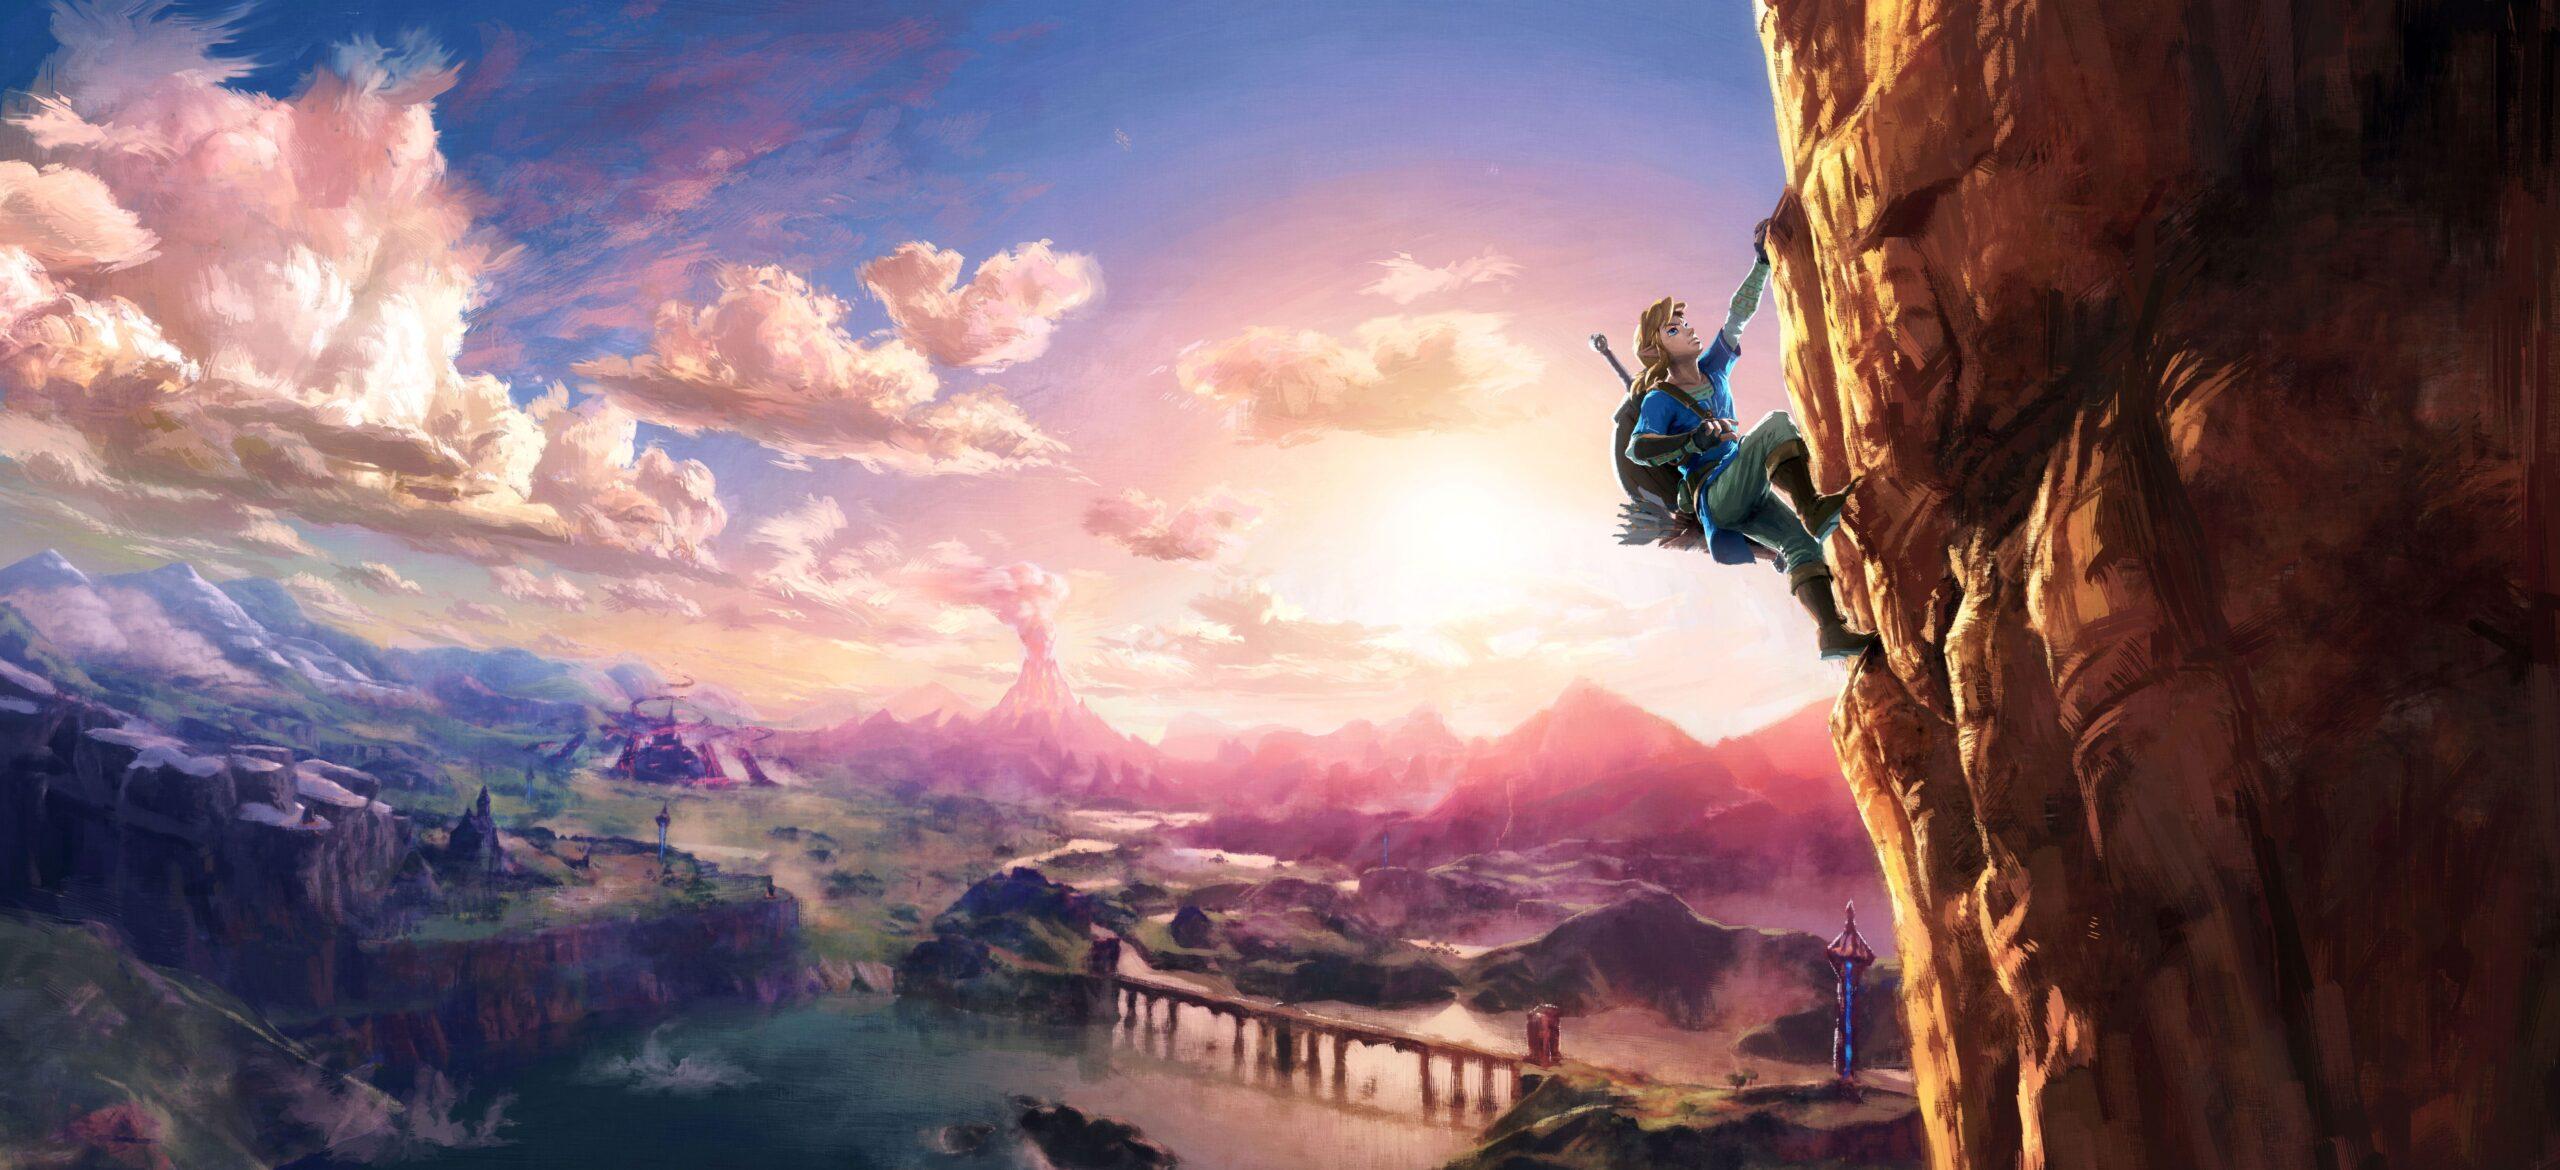 BotW Link Climbing (image courtesy of Zelda Gamepedia)